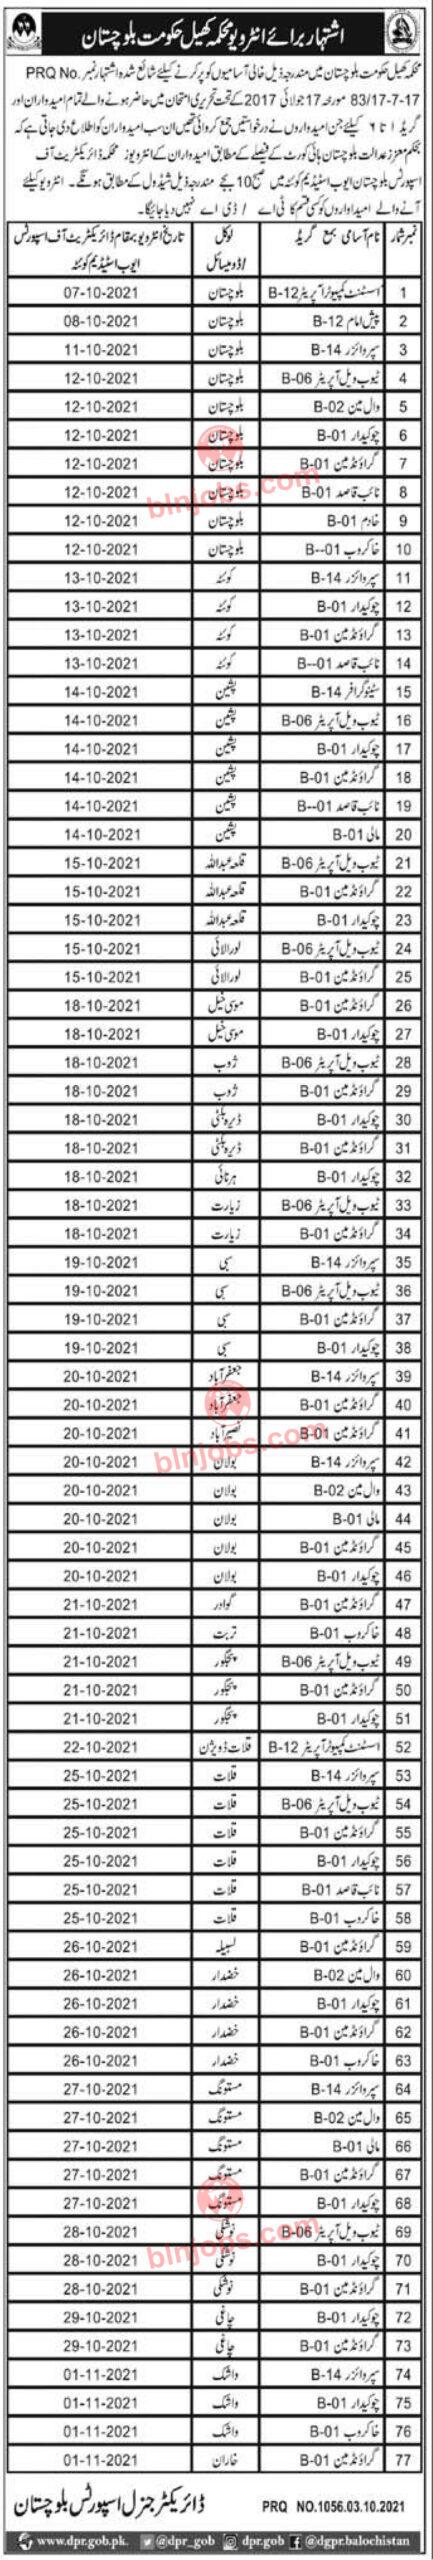 Balochistan Sports Department Interview Schedule 2021